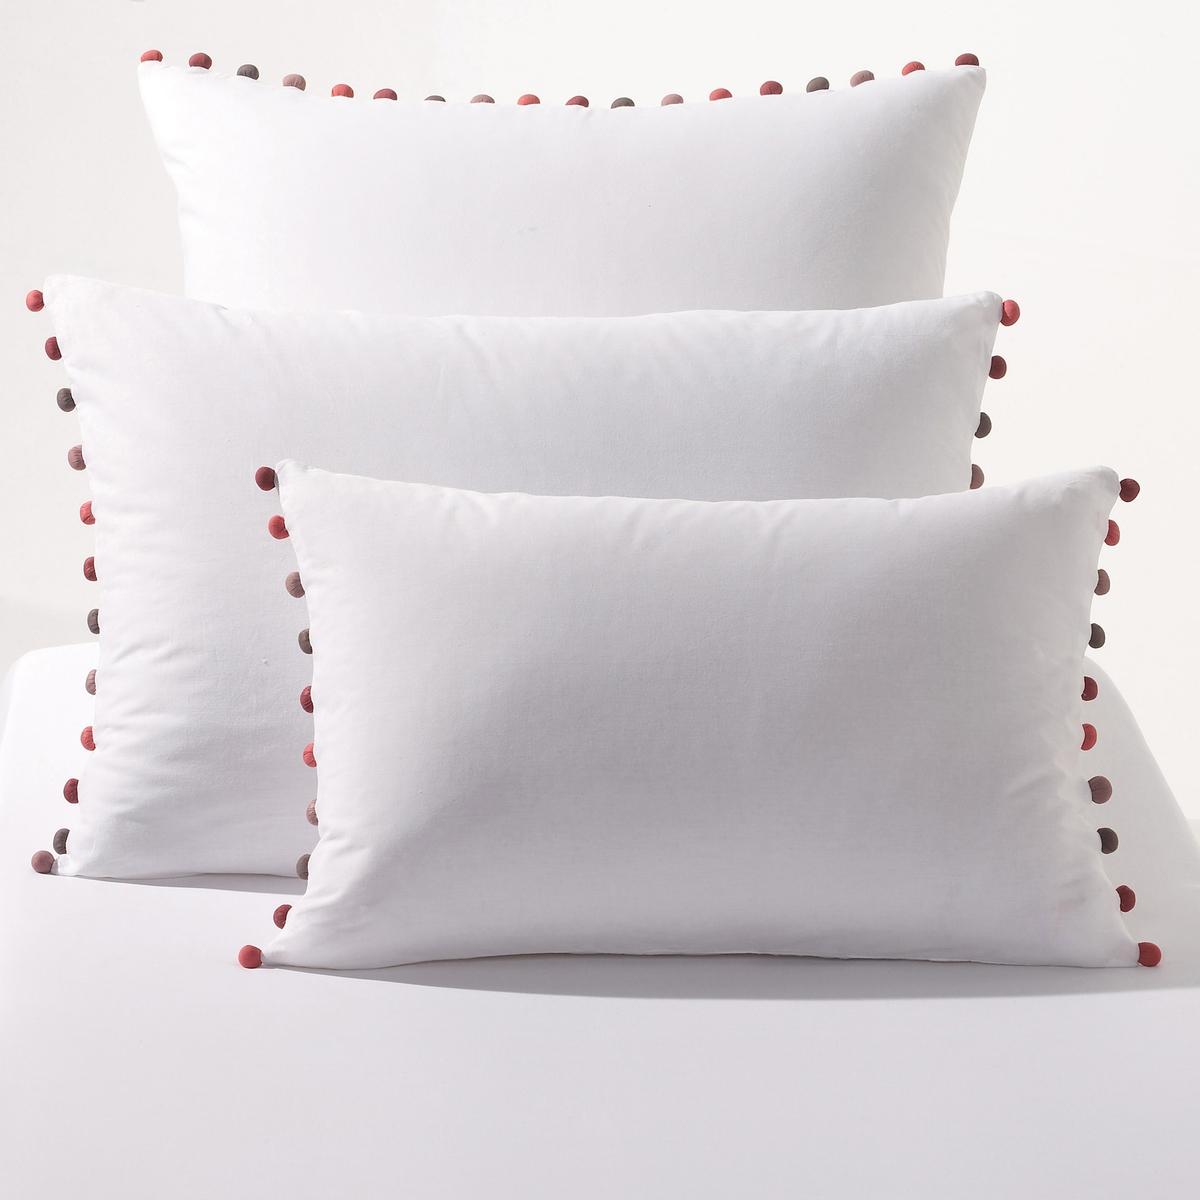 Комплект из 2 наволочек Patati из перкалиРазмеры: 50 x 70 см: прямоугольная 65 x 65 см: квадратная.<br><br>Цвет: белый,угольно-серый